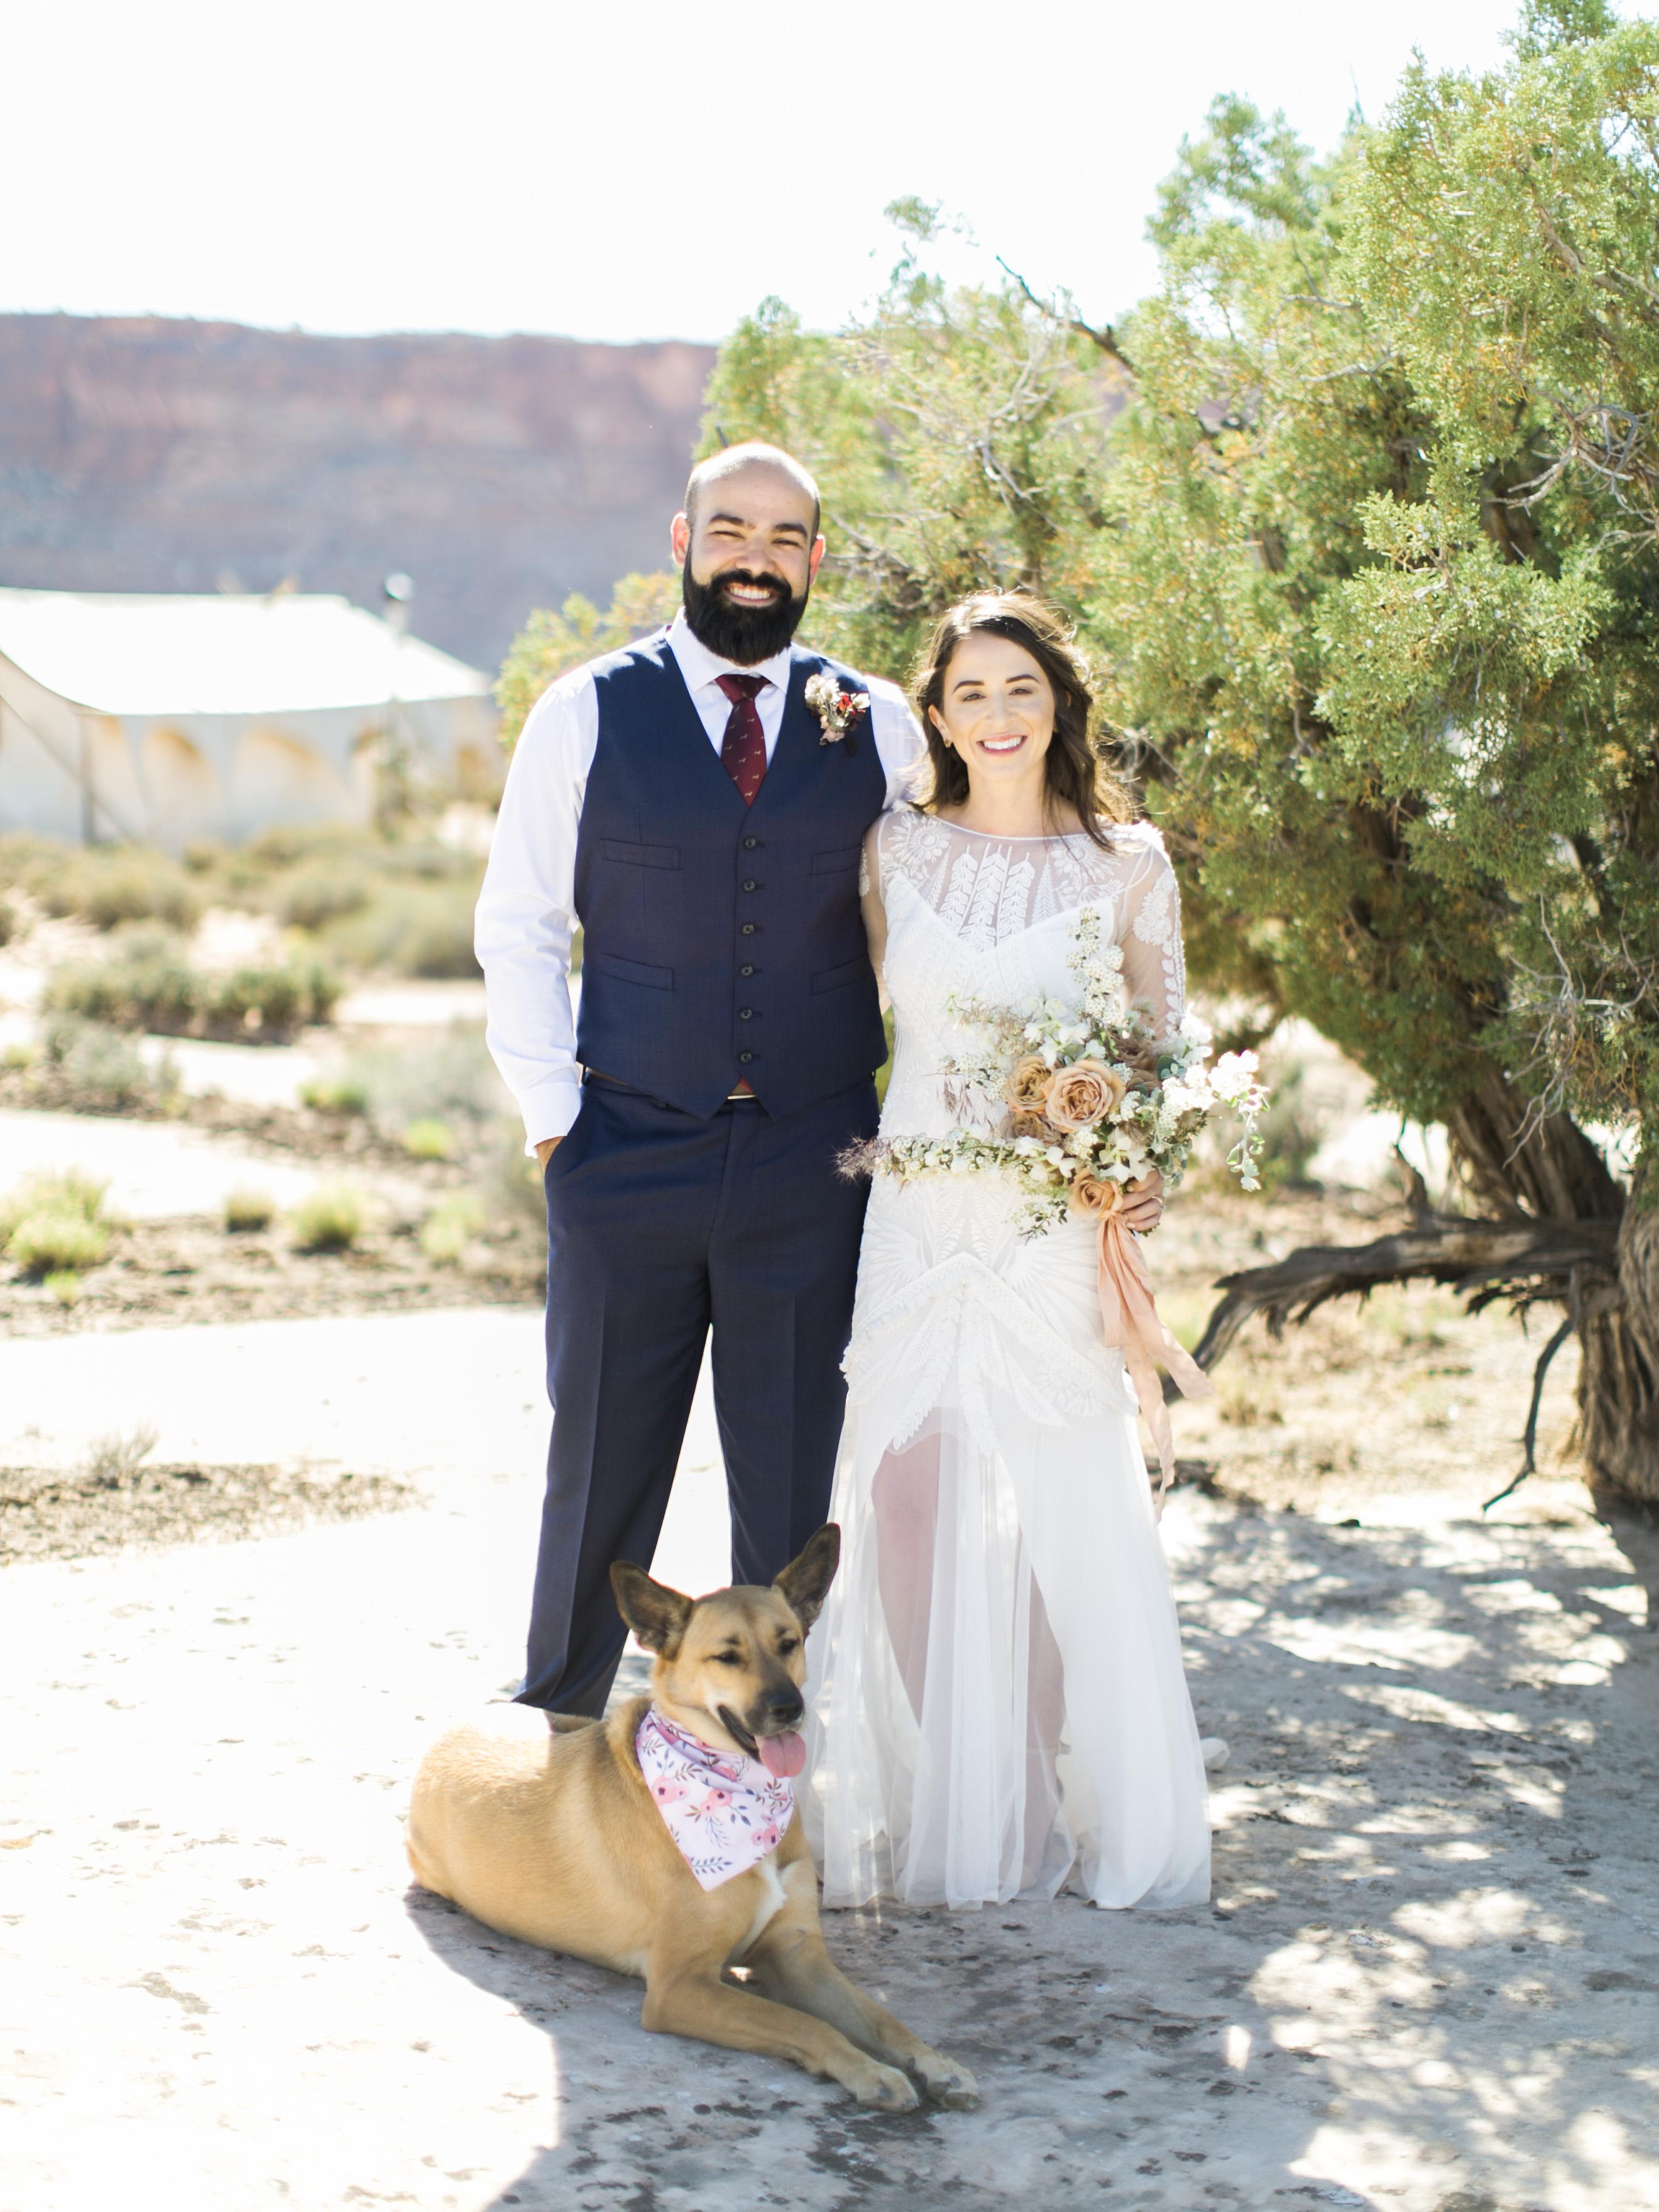 jeanette david wedding desert couple dog